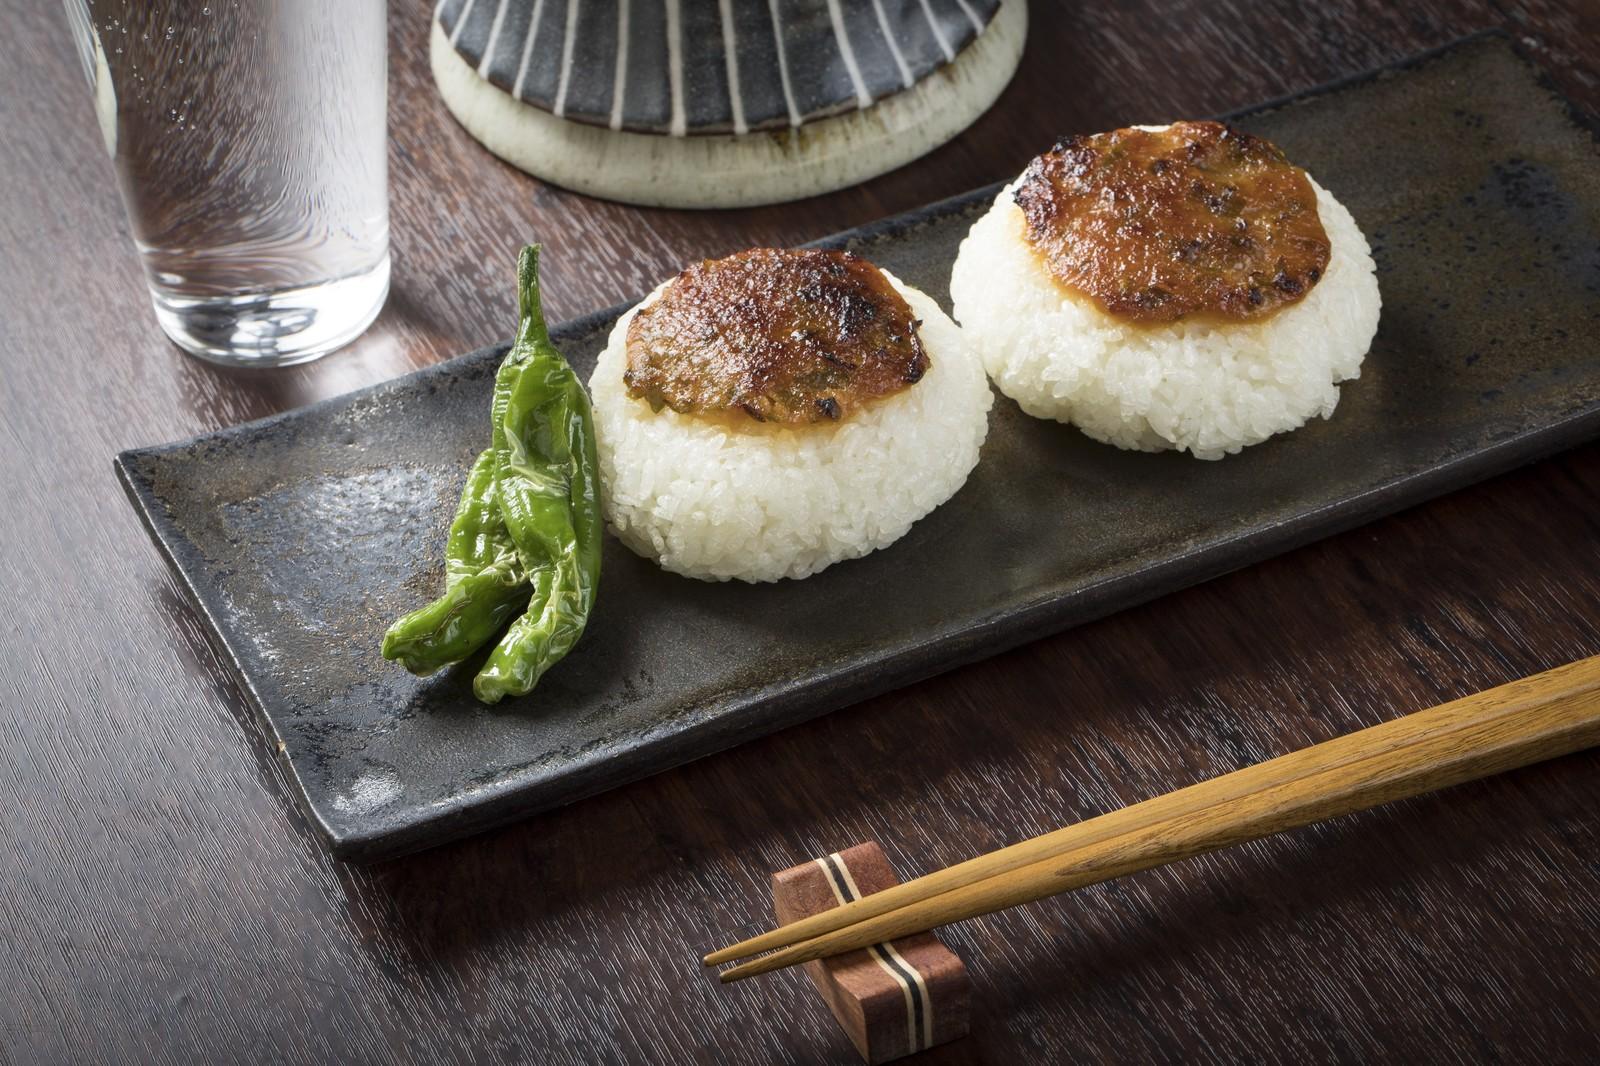 味噌をつけた米と緑の野菜